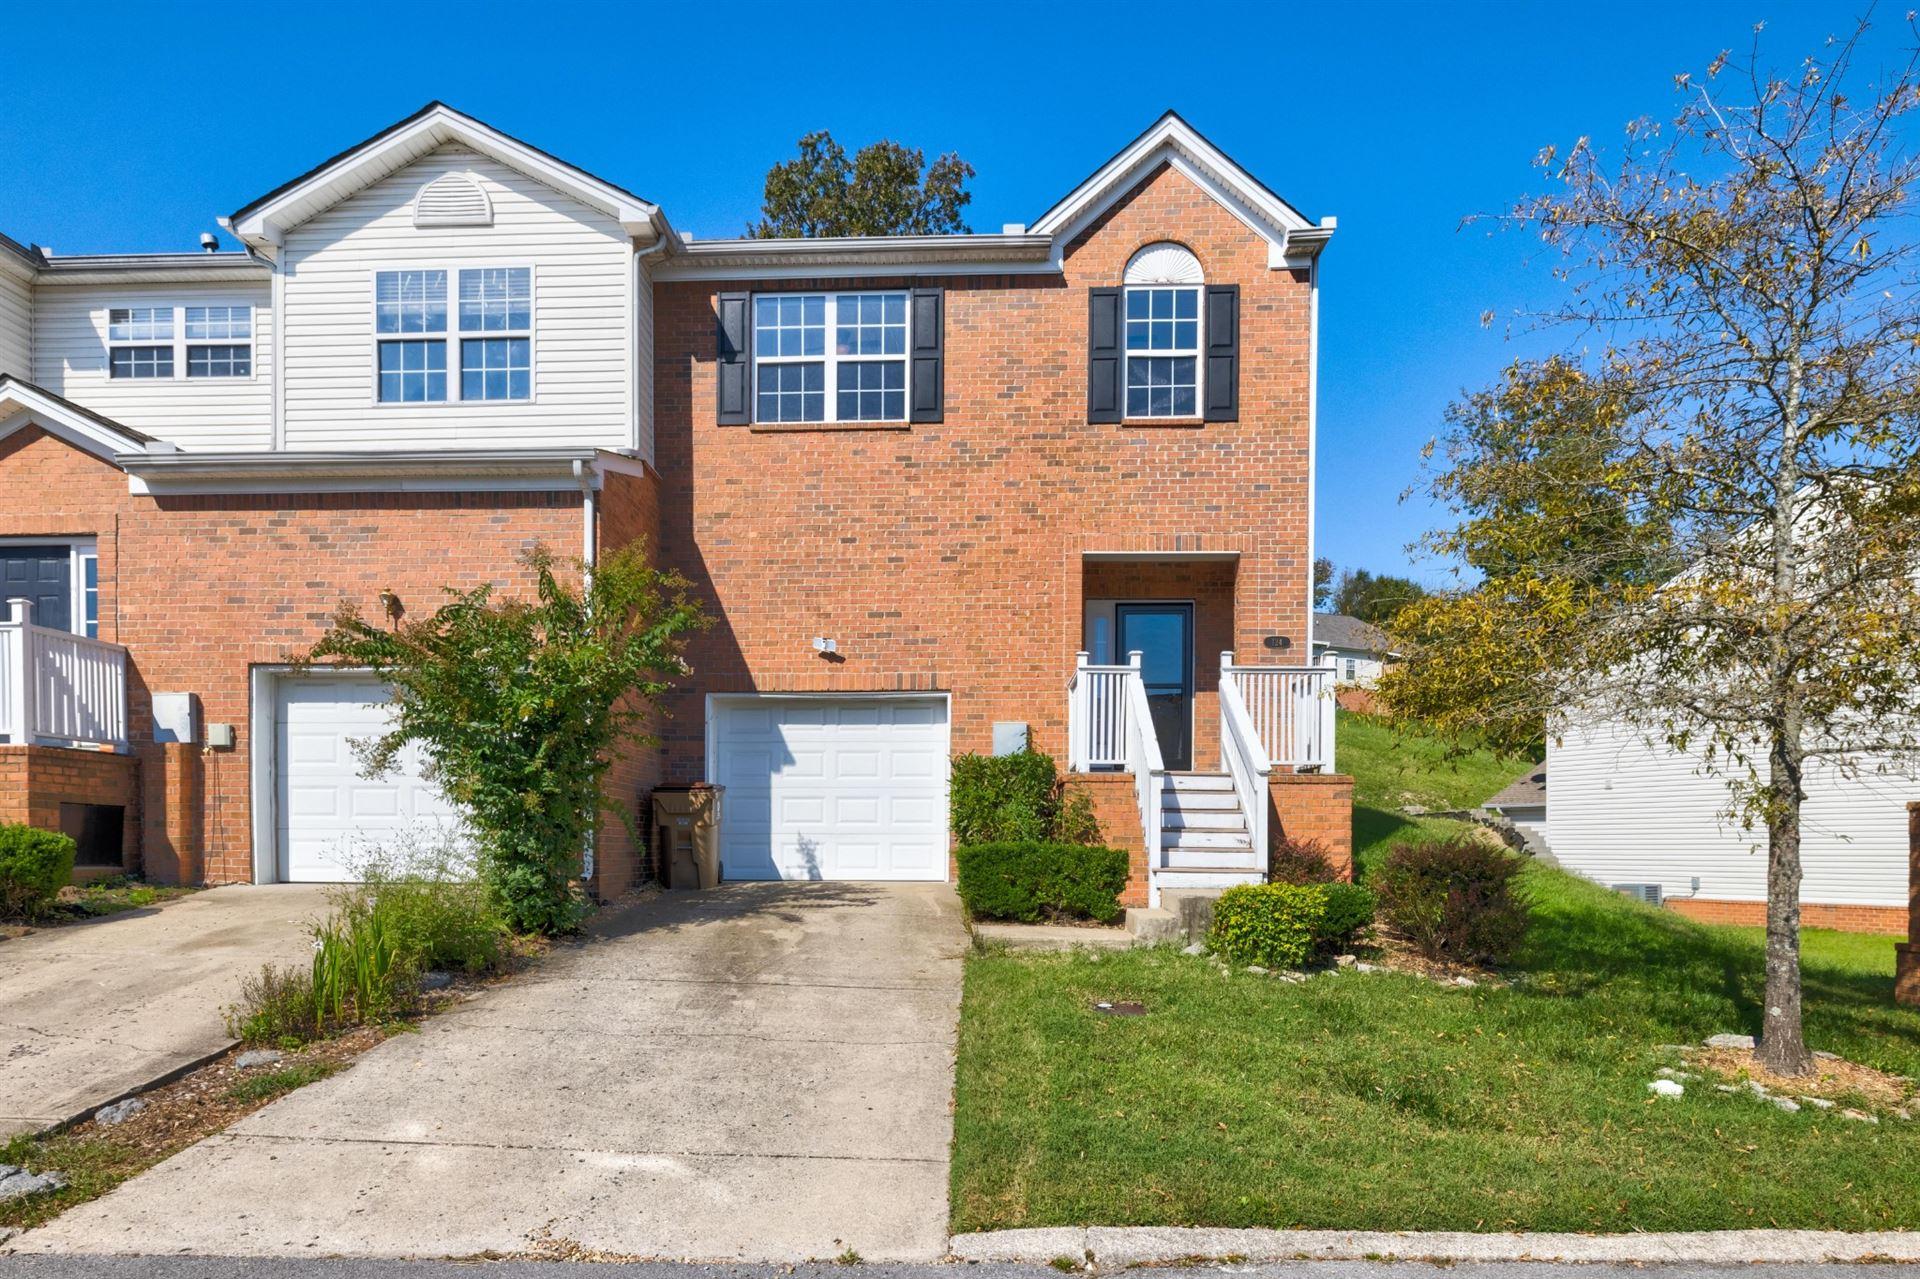 124 Canton Ct, Goodlettsville, TN 37072 - MLS#: 2294801